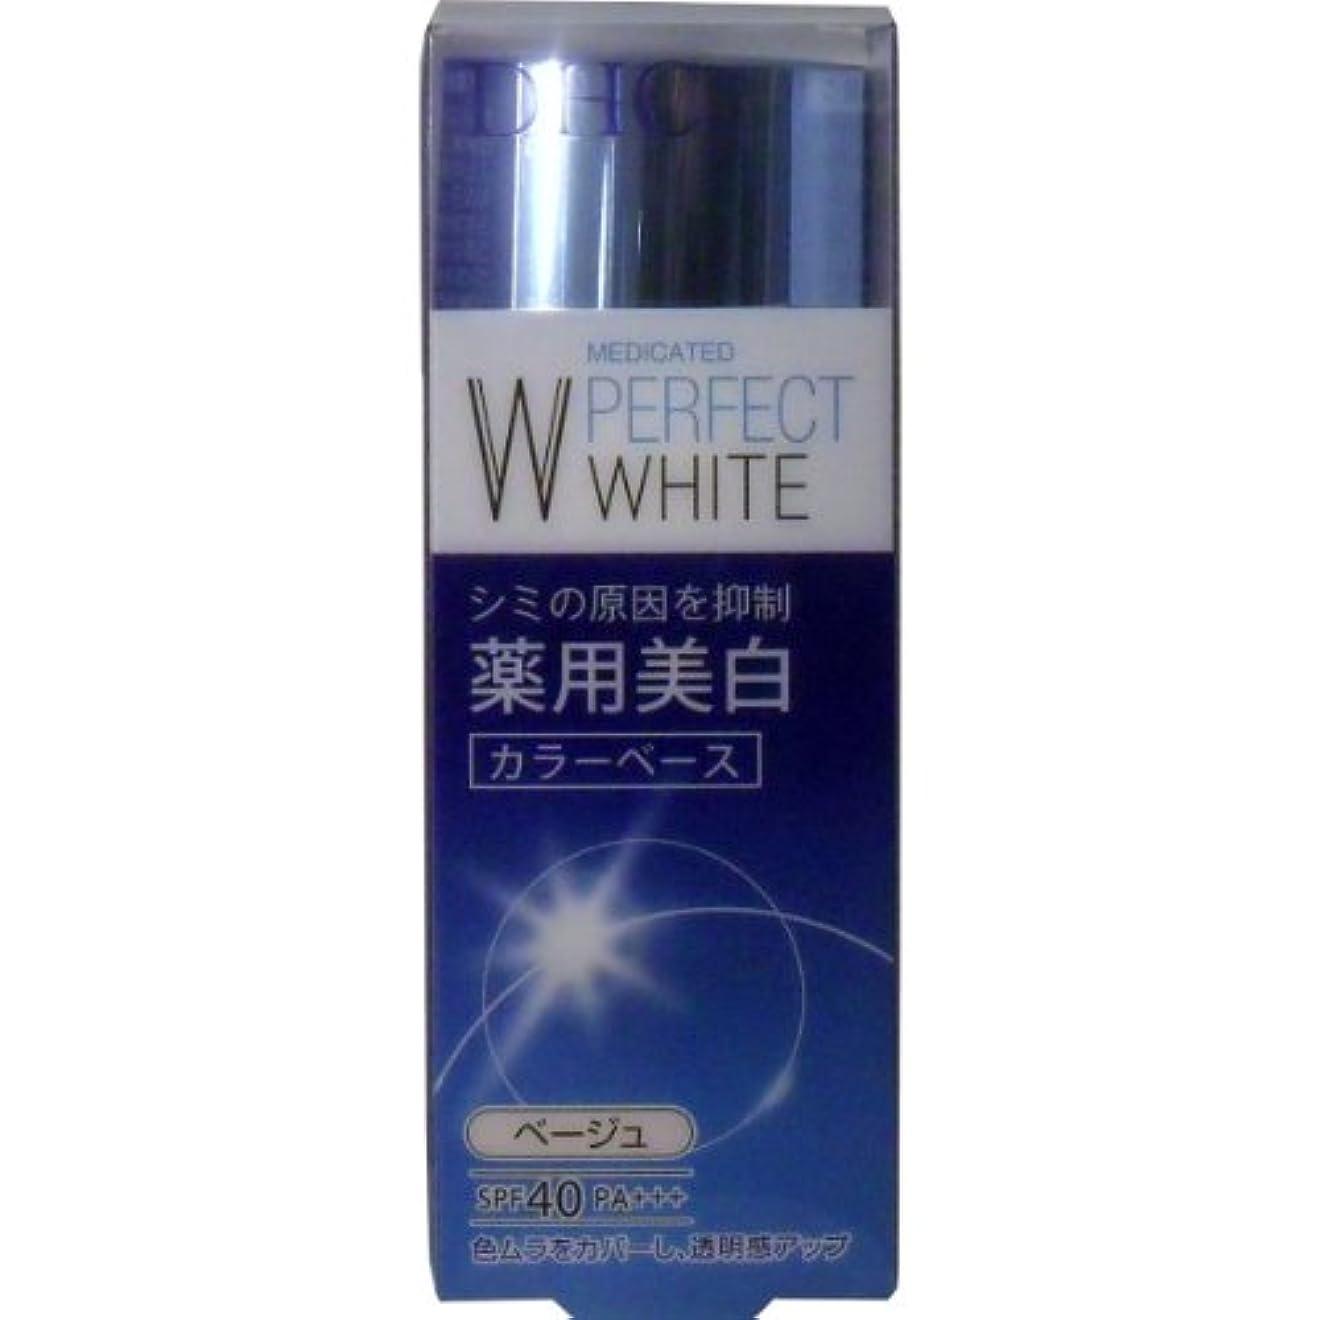 滑る蚊ボートDHC 薬用美白パーフェクトホワイト カラーベース ベージュ 30g (商品内訳:単品1個)